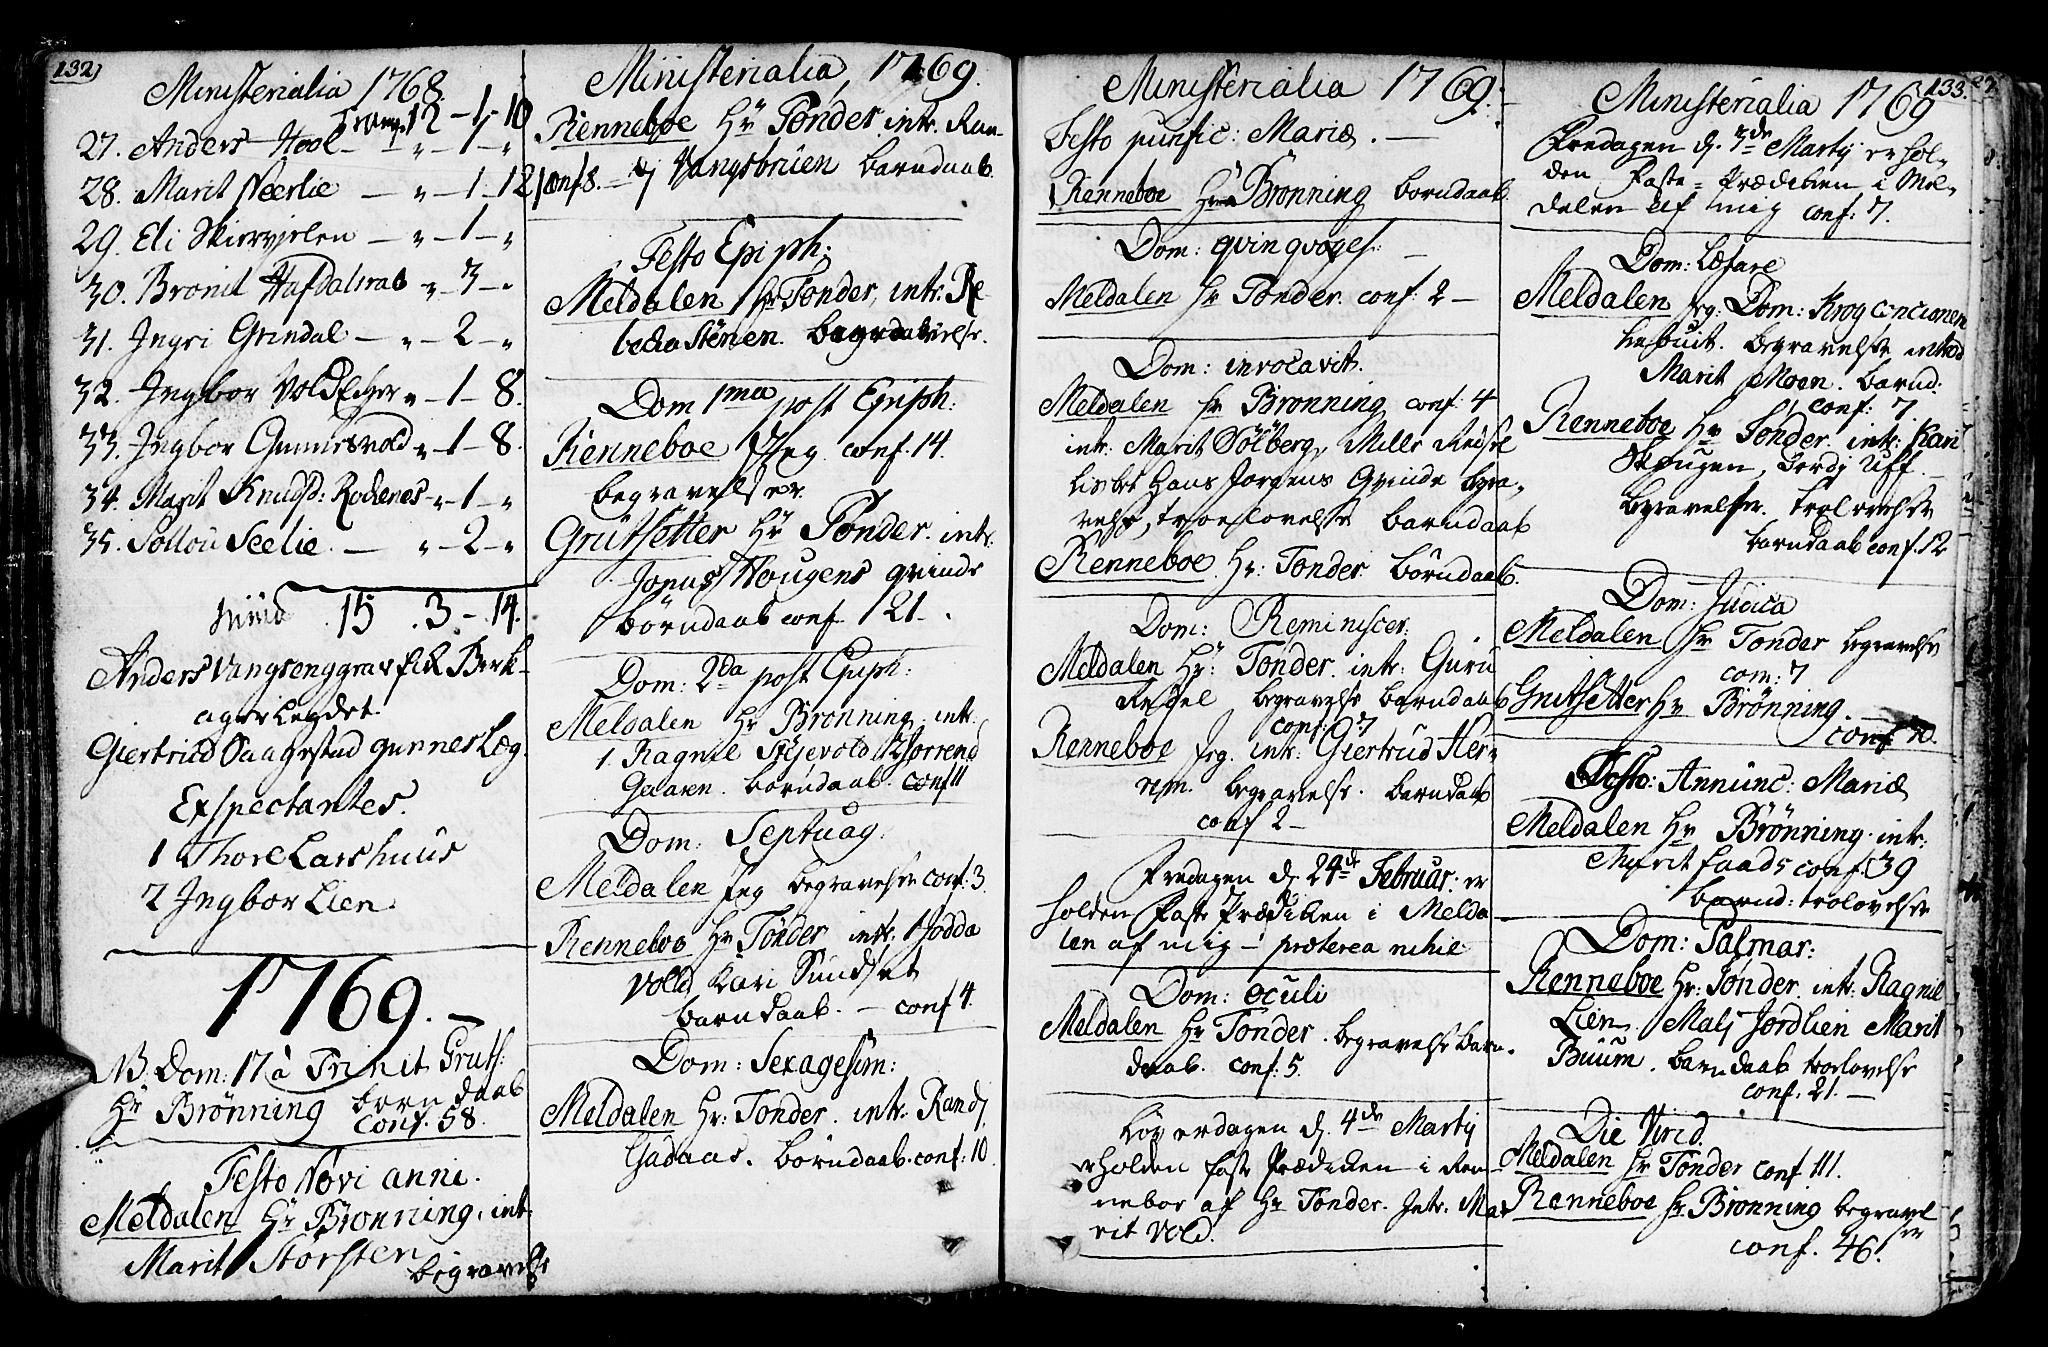 SAT, Ministerialprotokoller, klokkerbøker og fødselsregistre - Sør-Trøndelag, 672/L0851: Ministerialbok nr. 672A04, 1751-1775, s. 132-133